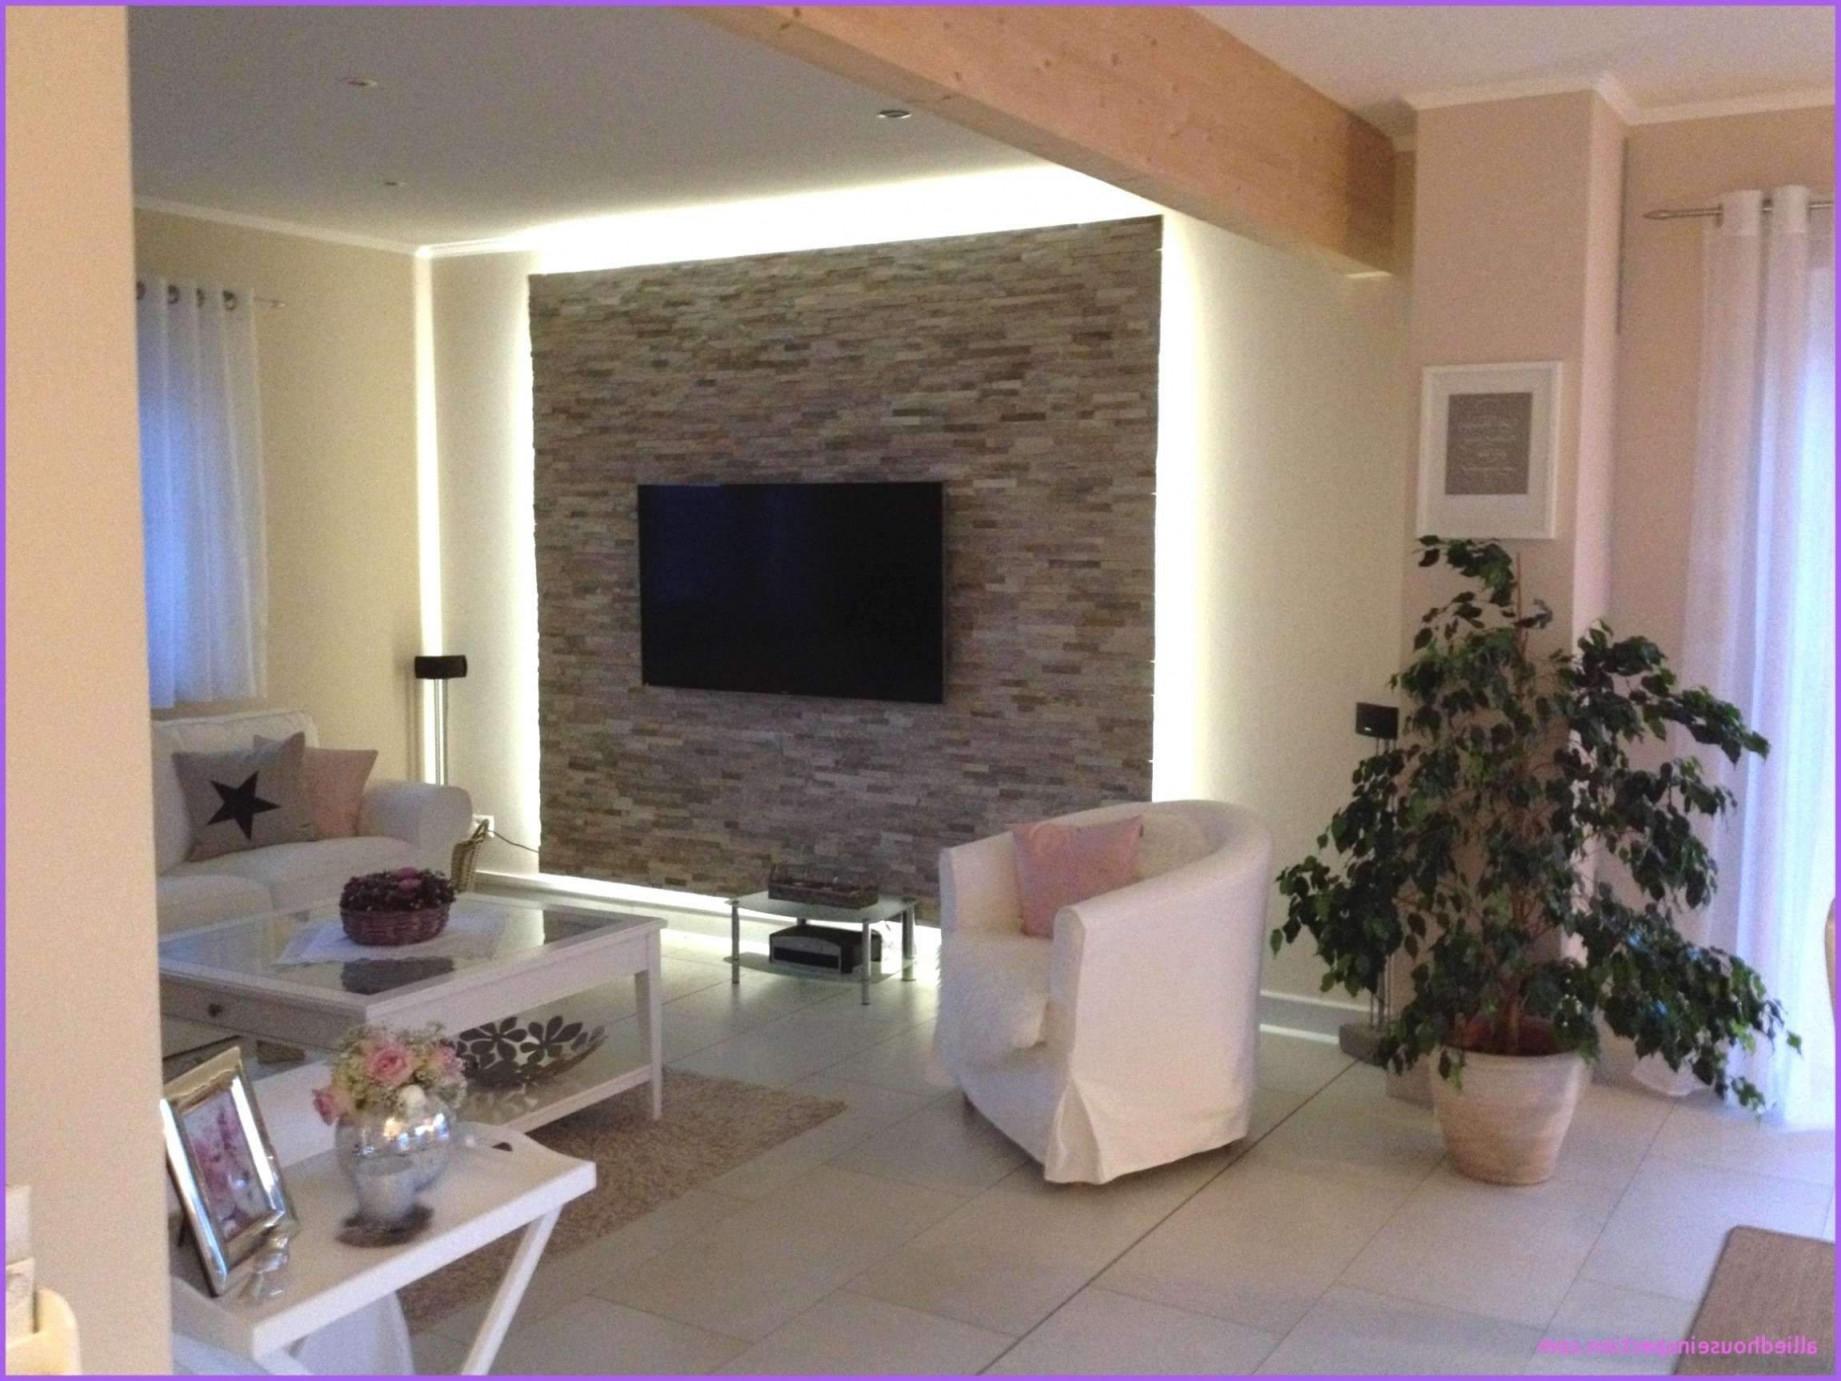 40 Schön Wohnzimmer Design Ideen Reizend  Wohnzimmer Frisch von Ideen Für Wohnzimmer Bild